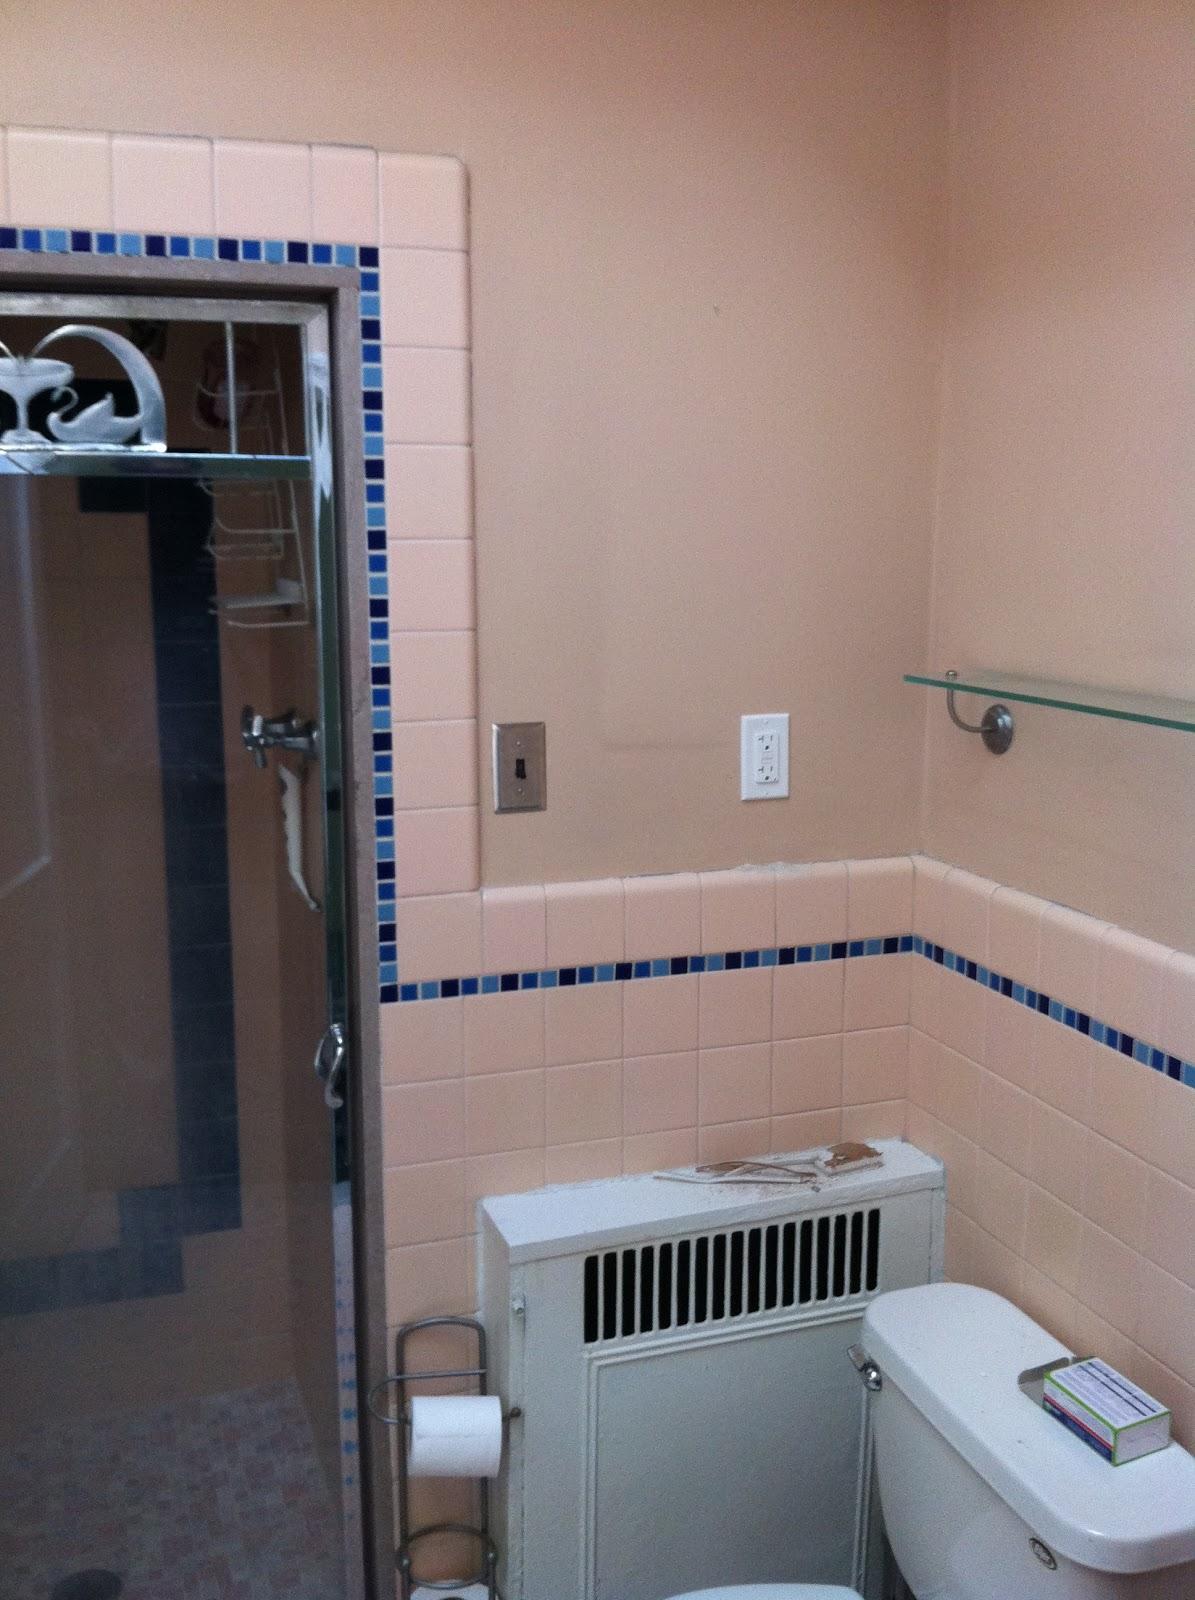 Gen3 Electric 215 352 5963 Add A Gfci To A Bathroom